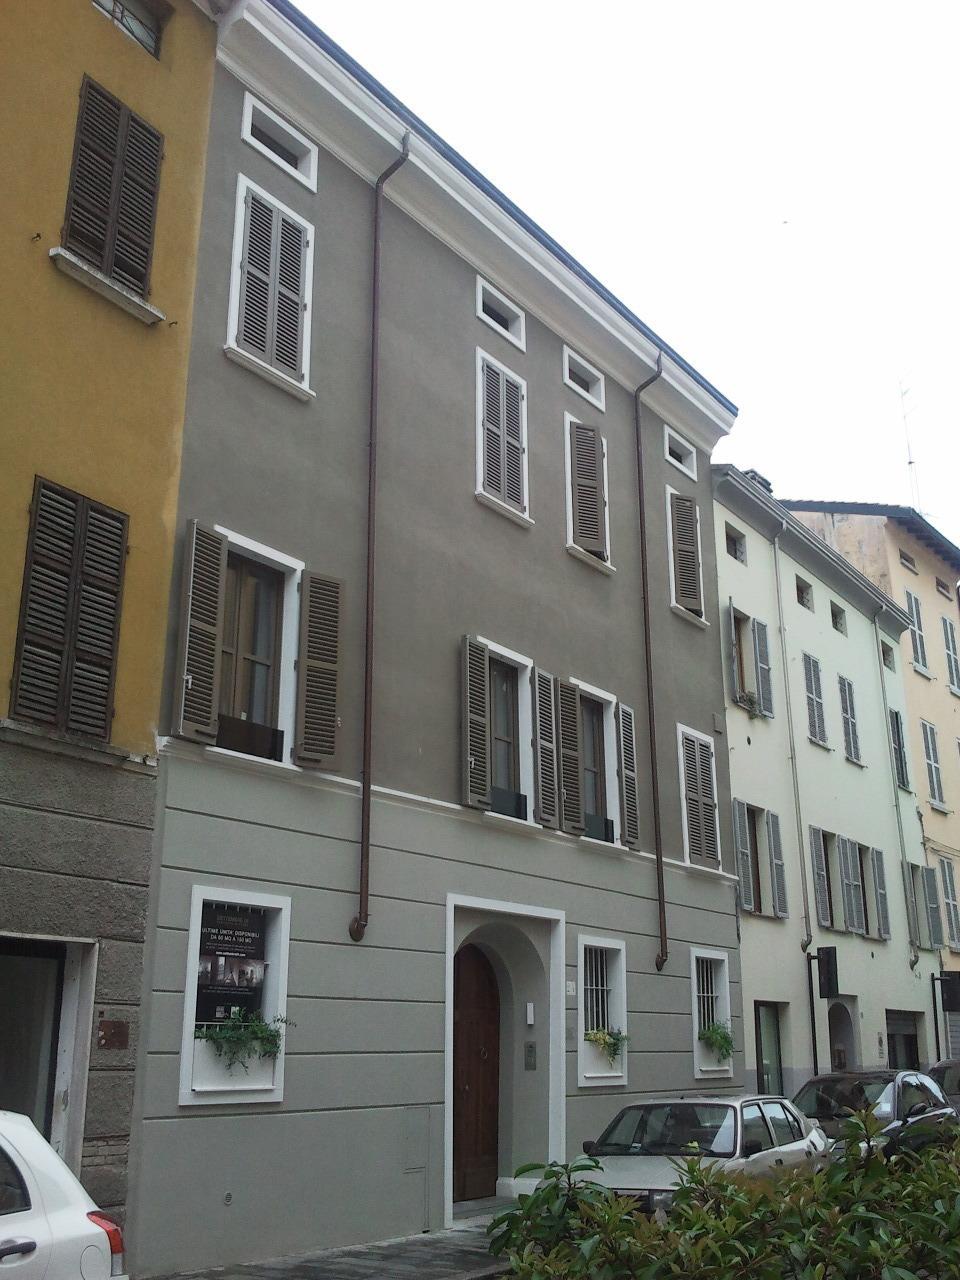 Appartamento in vendita a Parma, 4 locali, prezzo € 540.000 | Cambio Casa.it